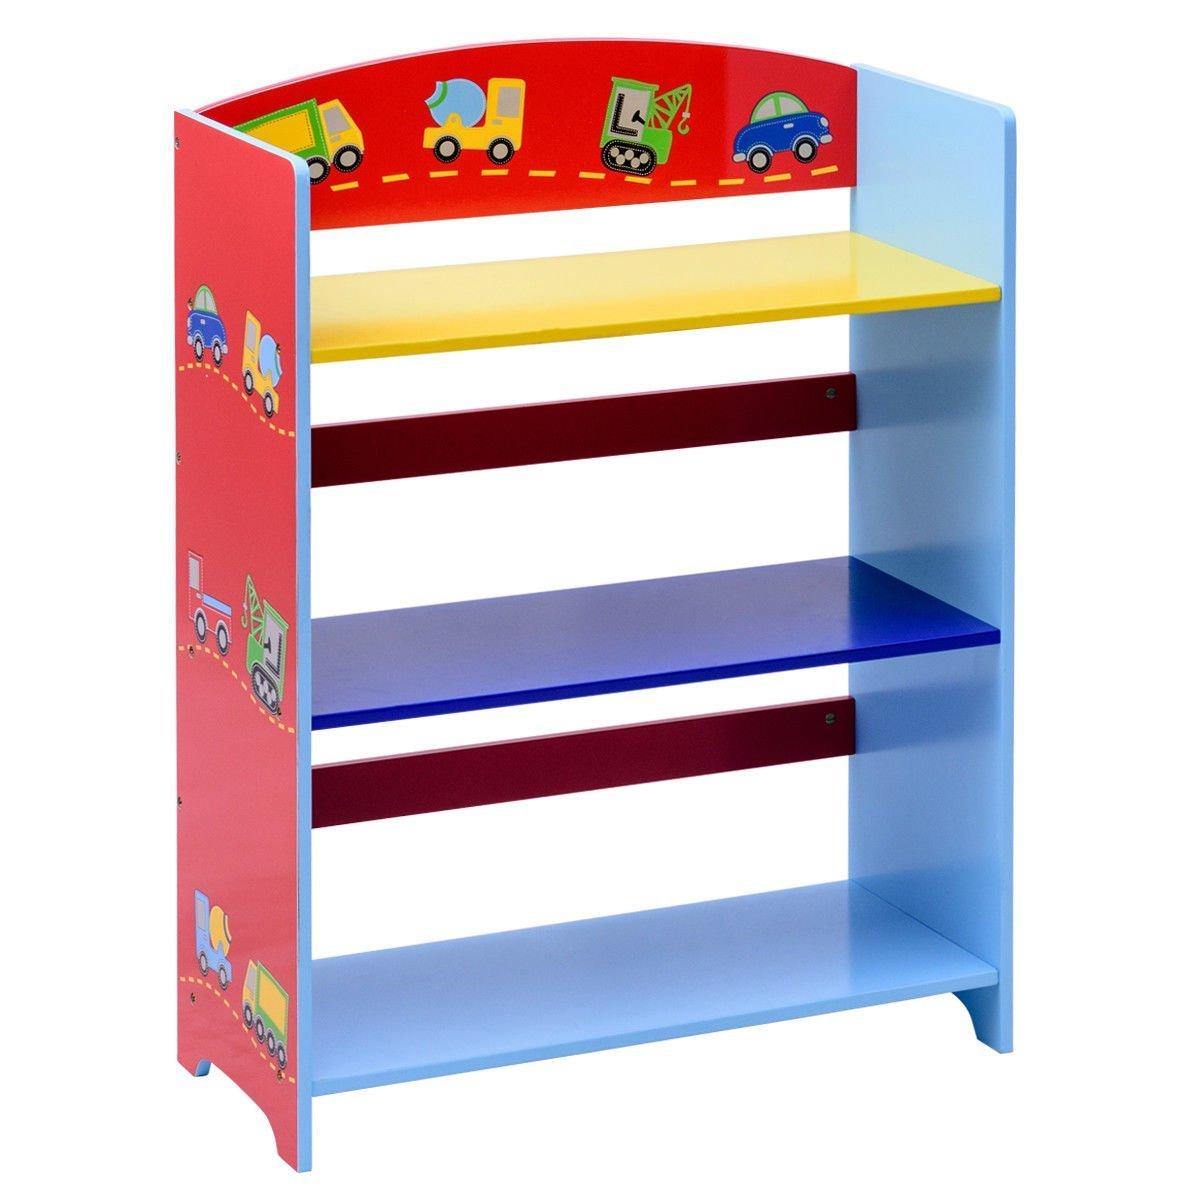 on sale 5c3df b5b0d Cheap Kids Bookshelf, find Kids Bookshelf deals on line at ...